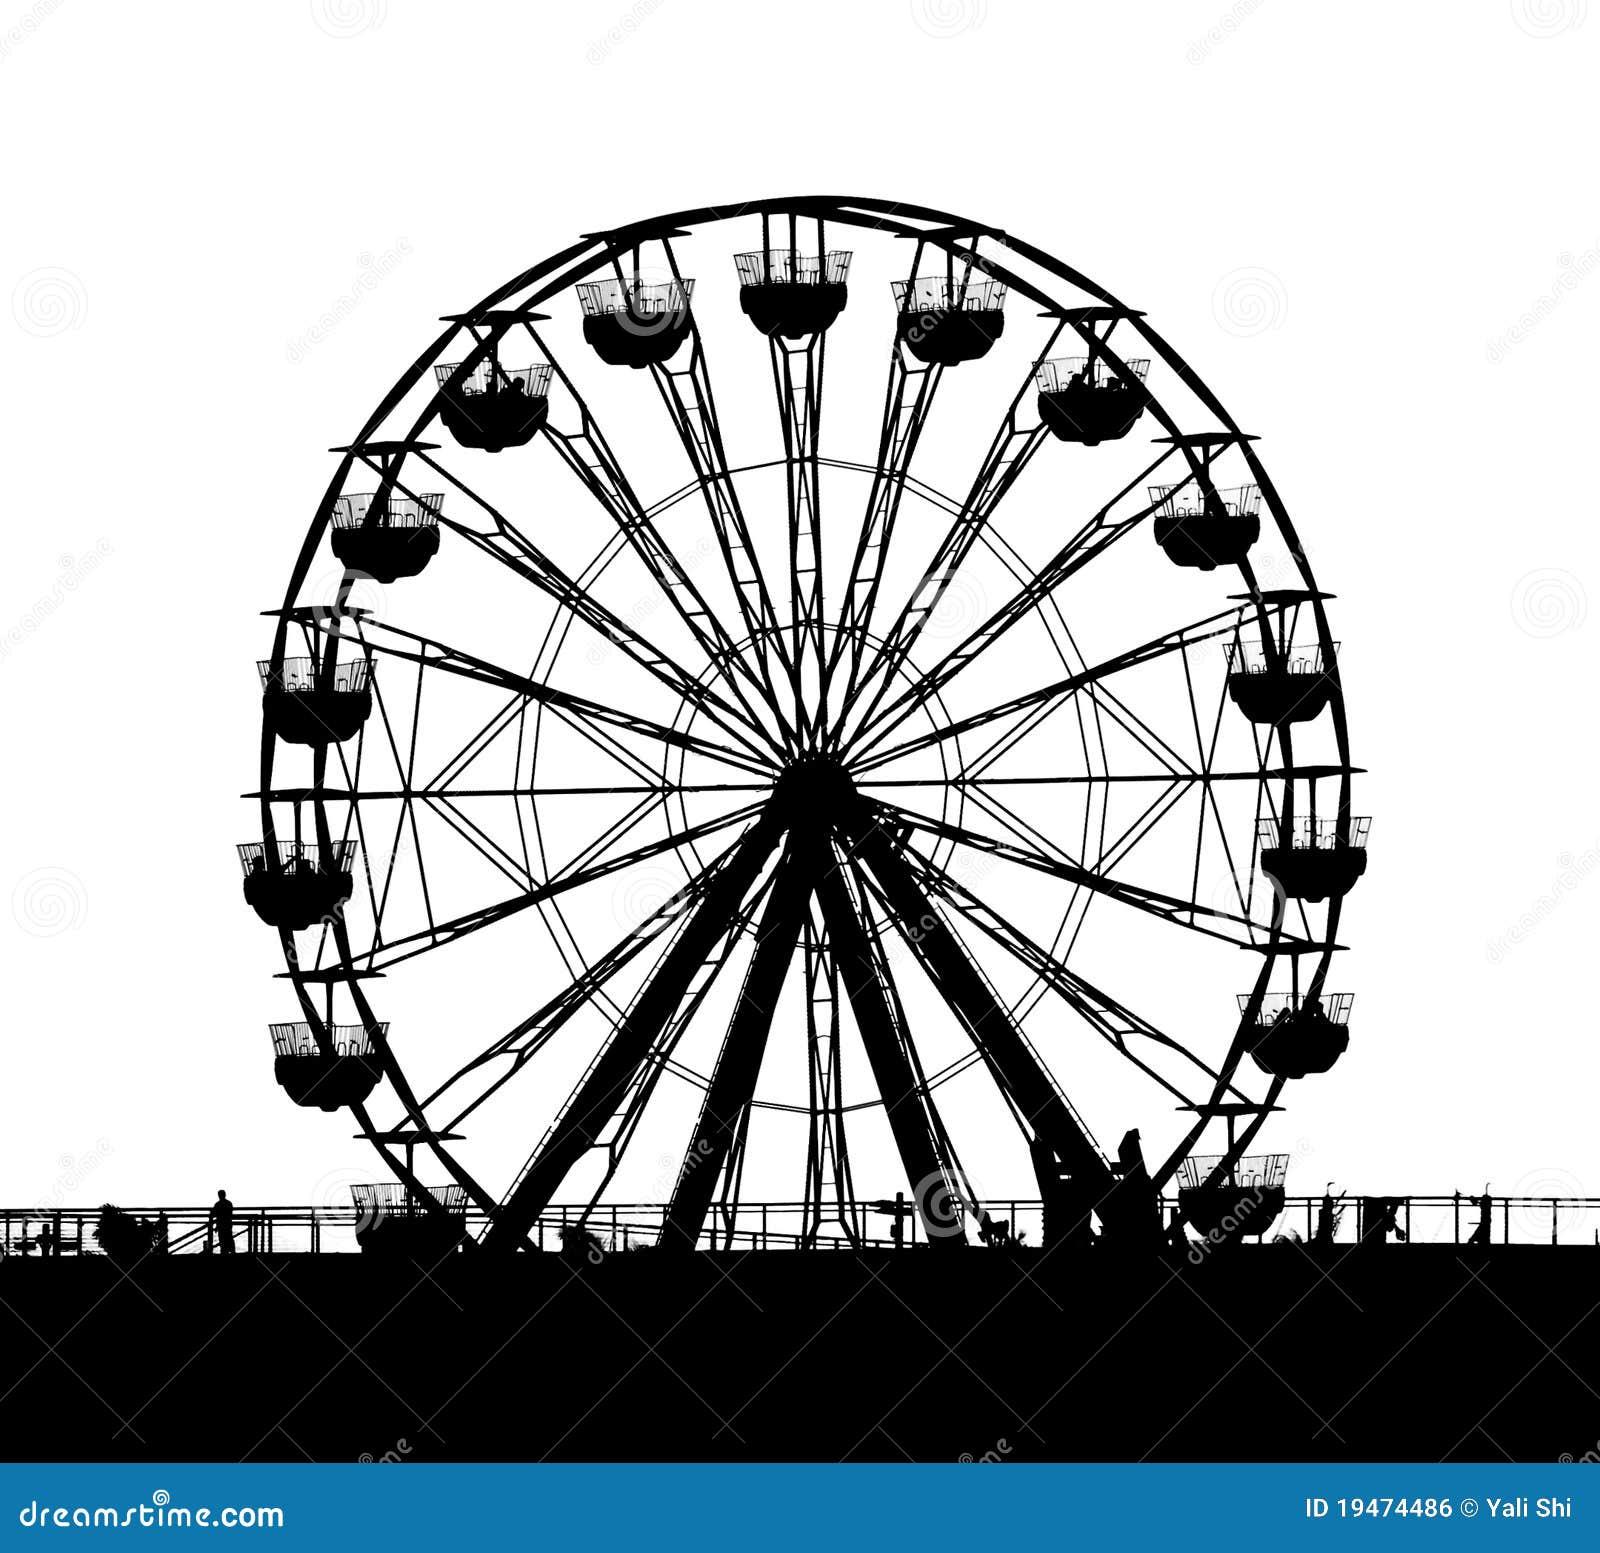 ferris wheel at a local fun fair seen in silhouette.